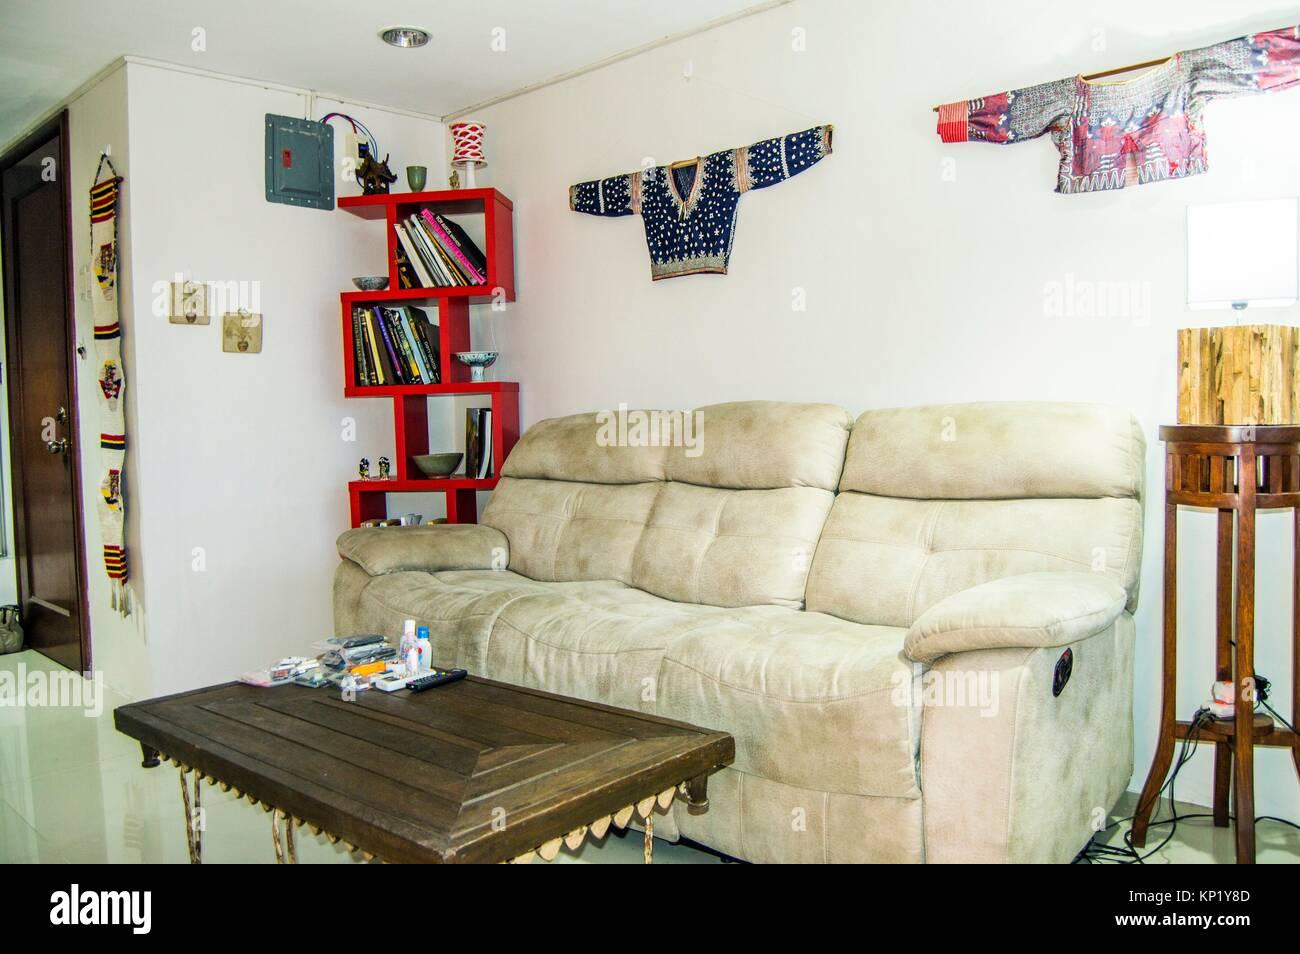 Salon intérieur avec mobilier ancien et moderne et la décoration, le ...